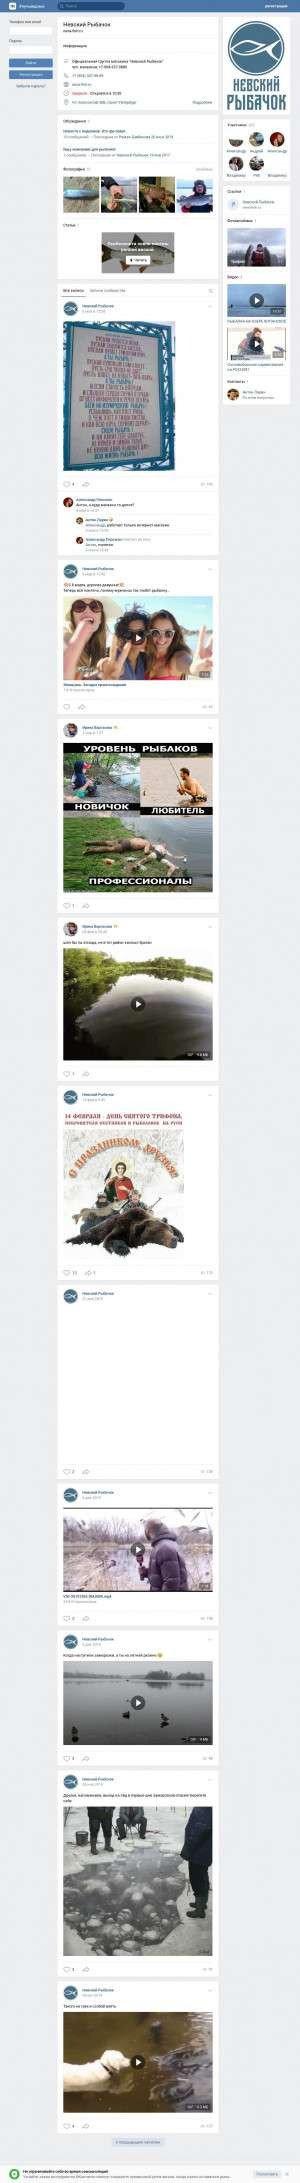 Предпросмотр для vk.com — Невский рыбачок